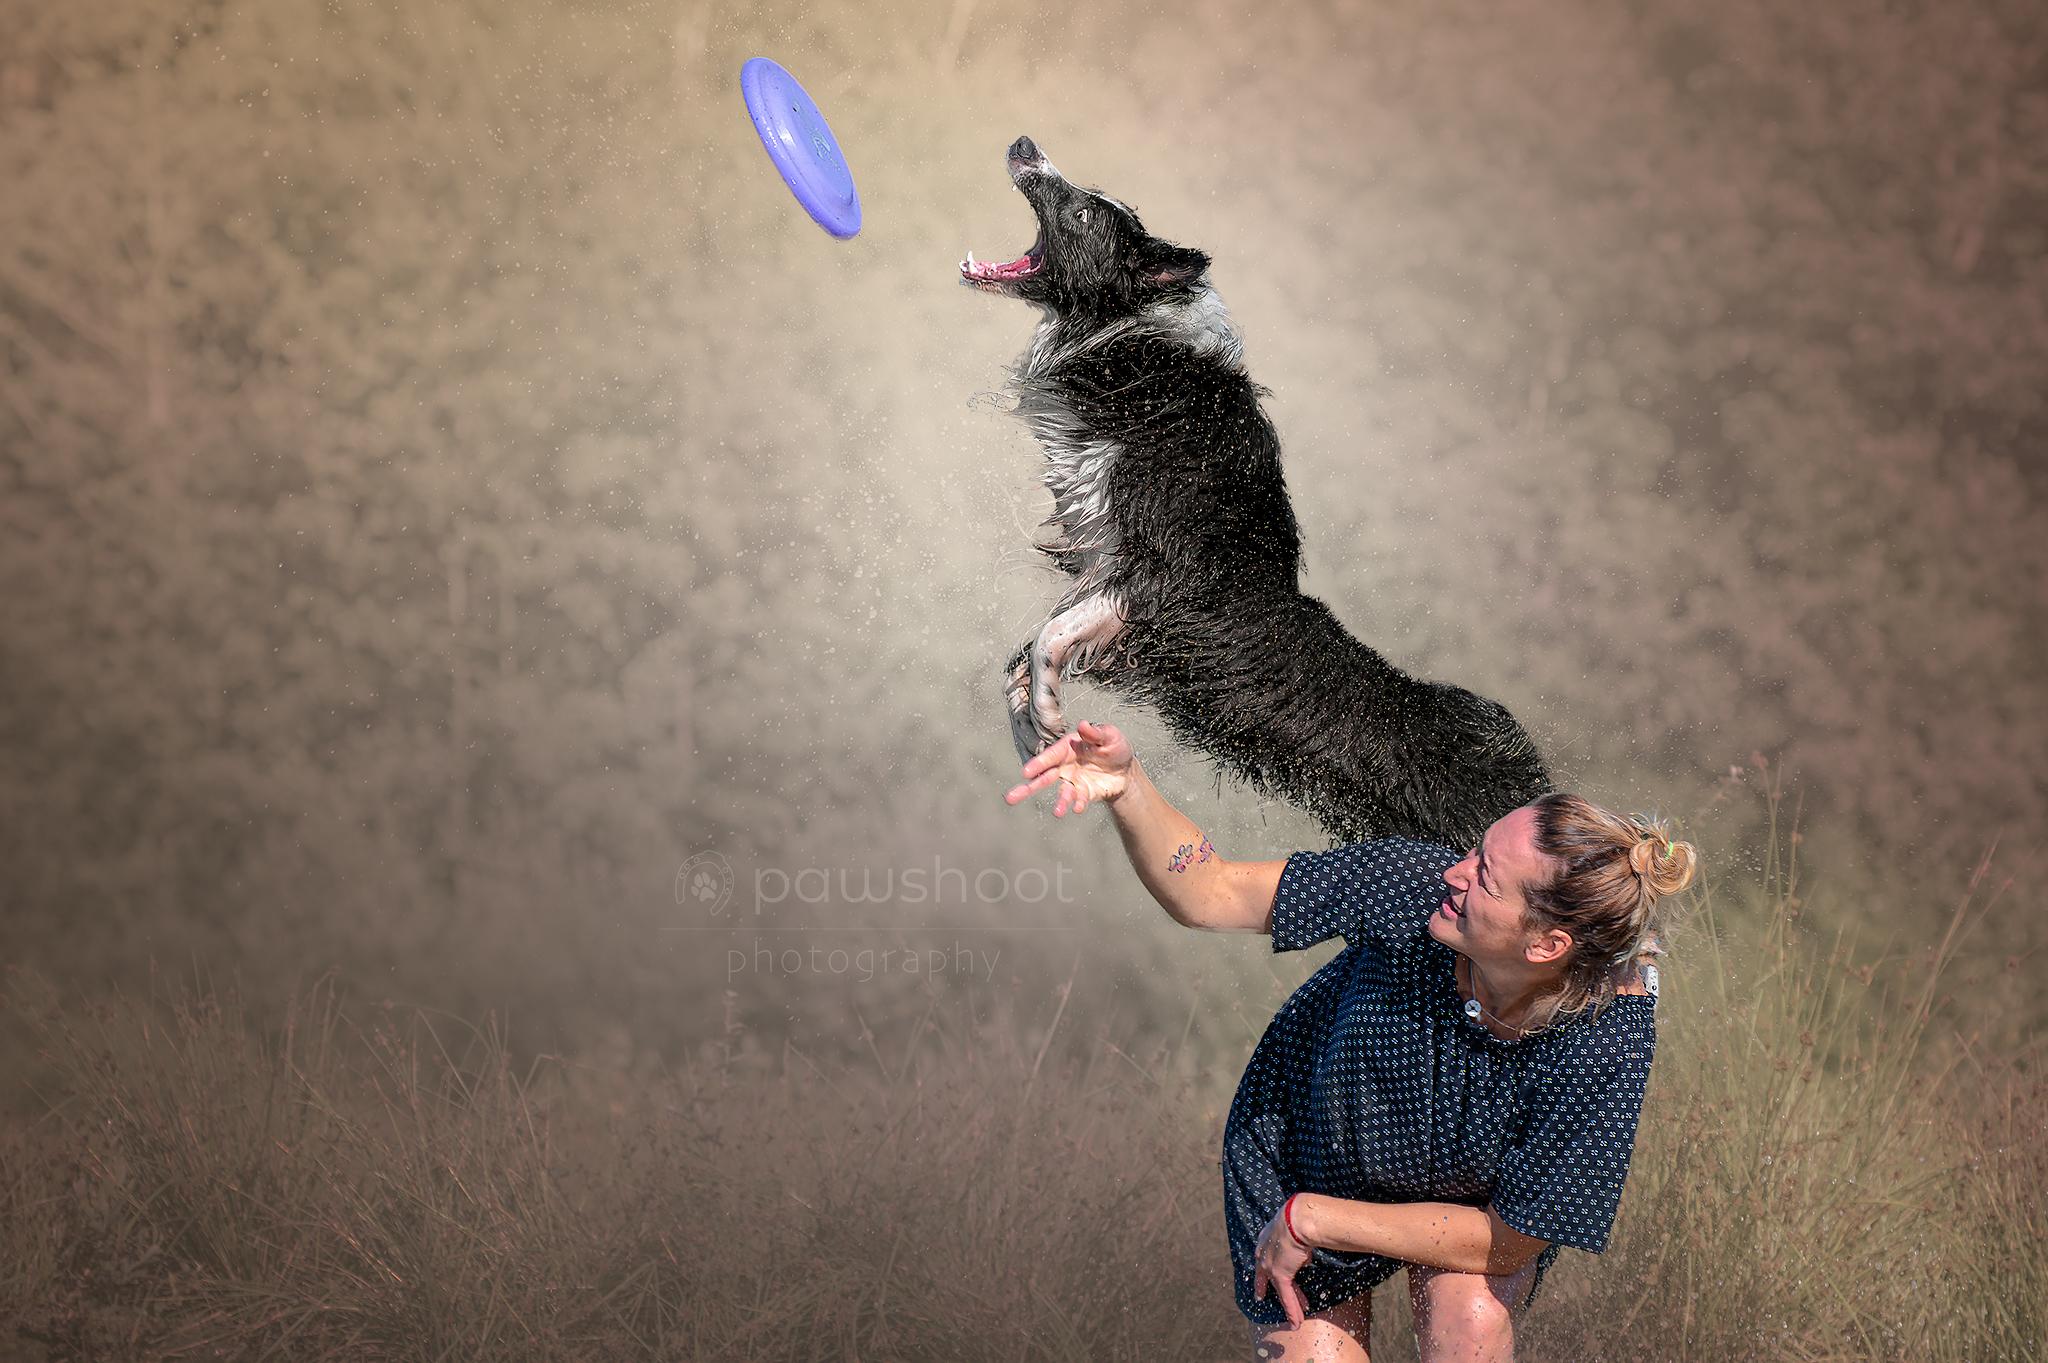 vliegende hond Pawshoot hondenfotografie